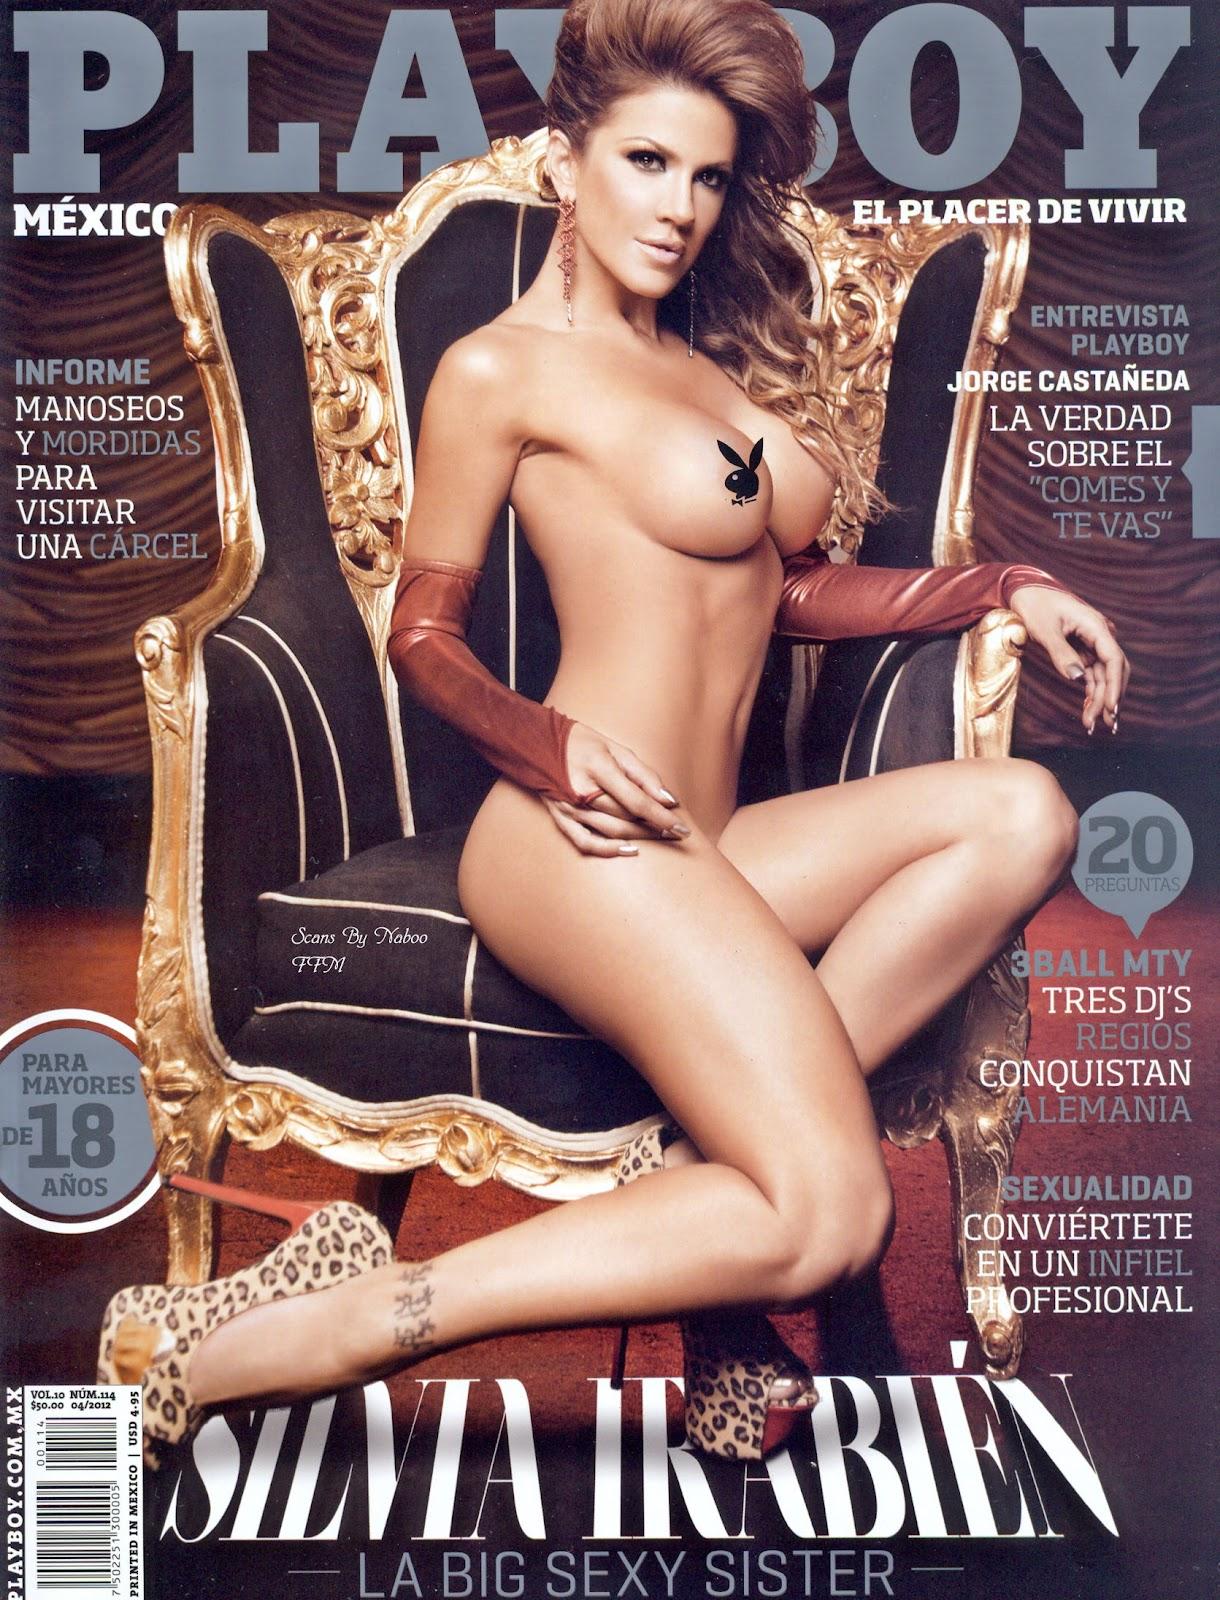 Fotos De Silvia Irabien La Chiva En Revista Playboy Abril